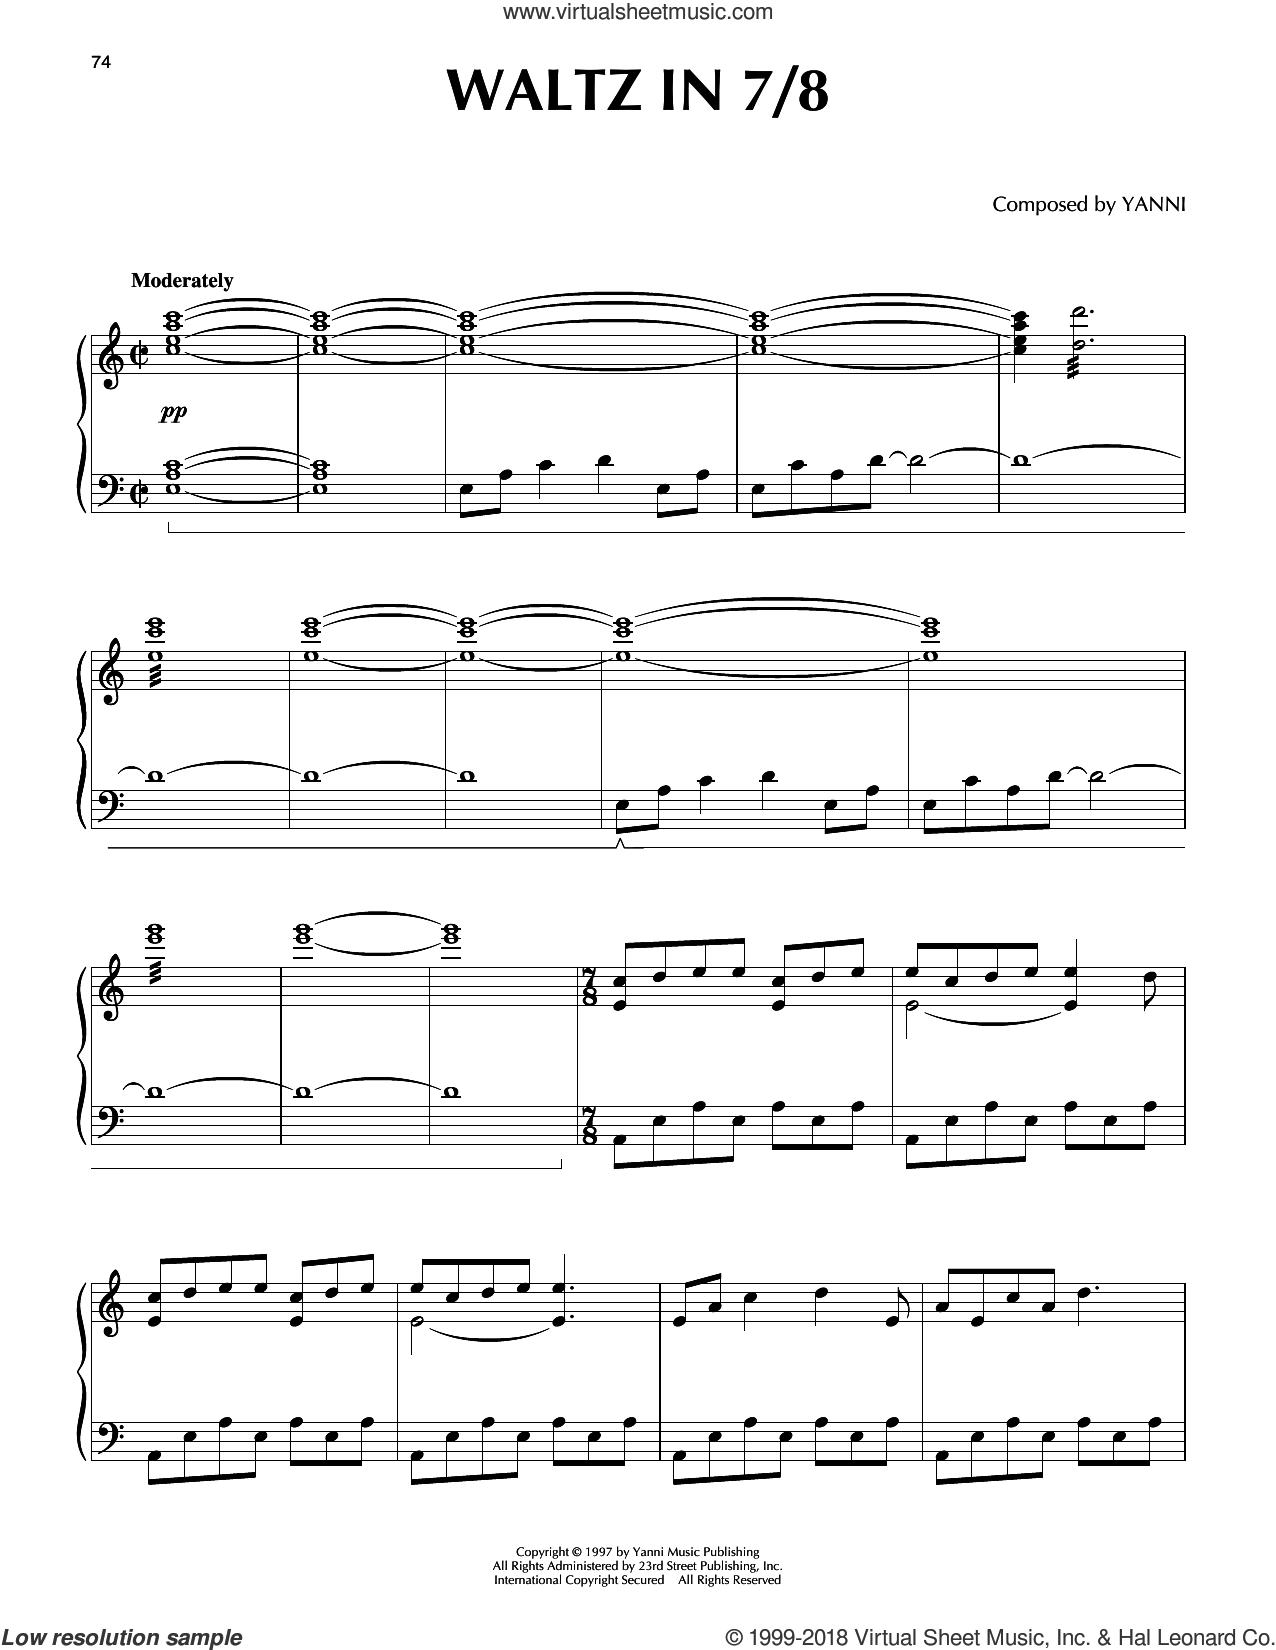 Waltz in 7/8 sheet music for piano solo by Yanni, intermediate skill level